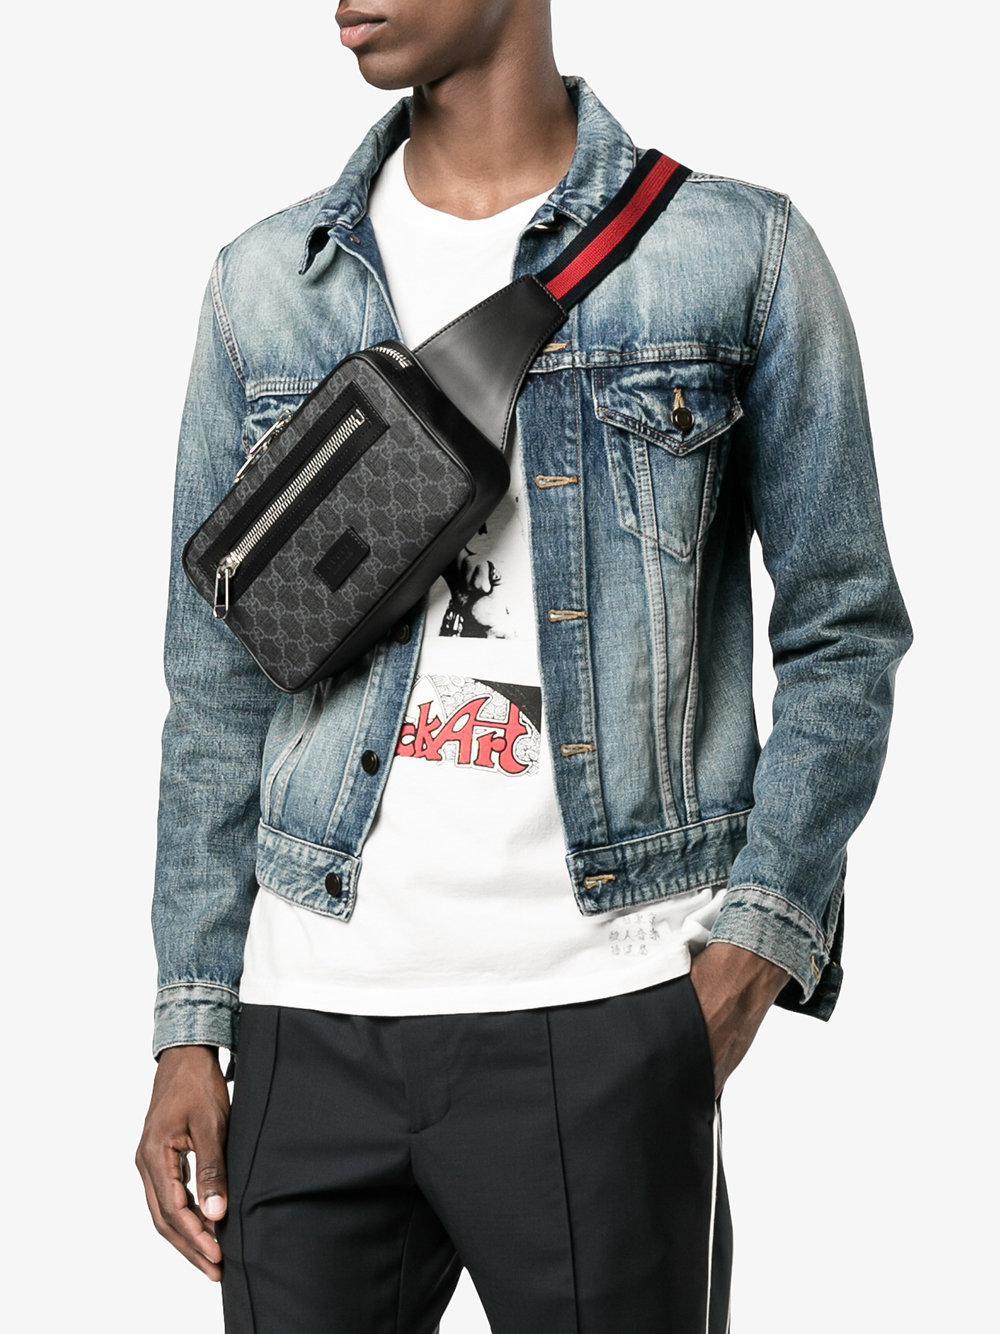 51c13dce7 Gucci Gg Supreme Belt Bag in Black for Men - Lyst